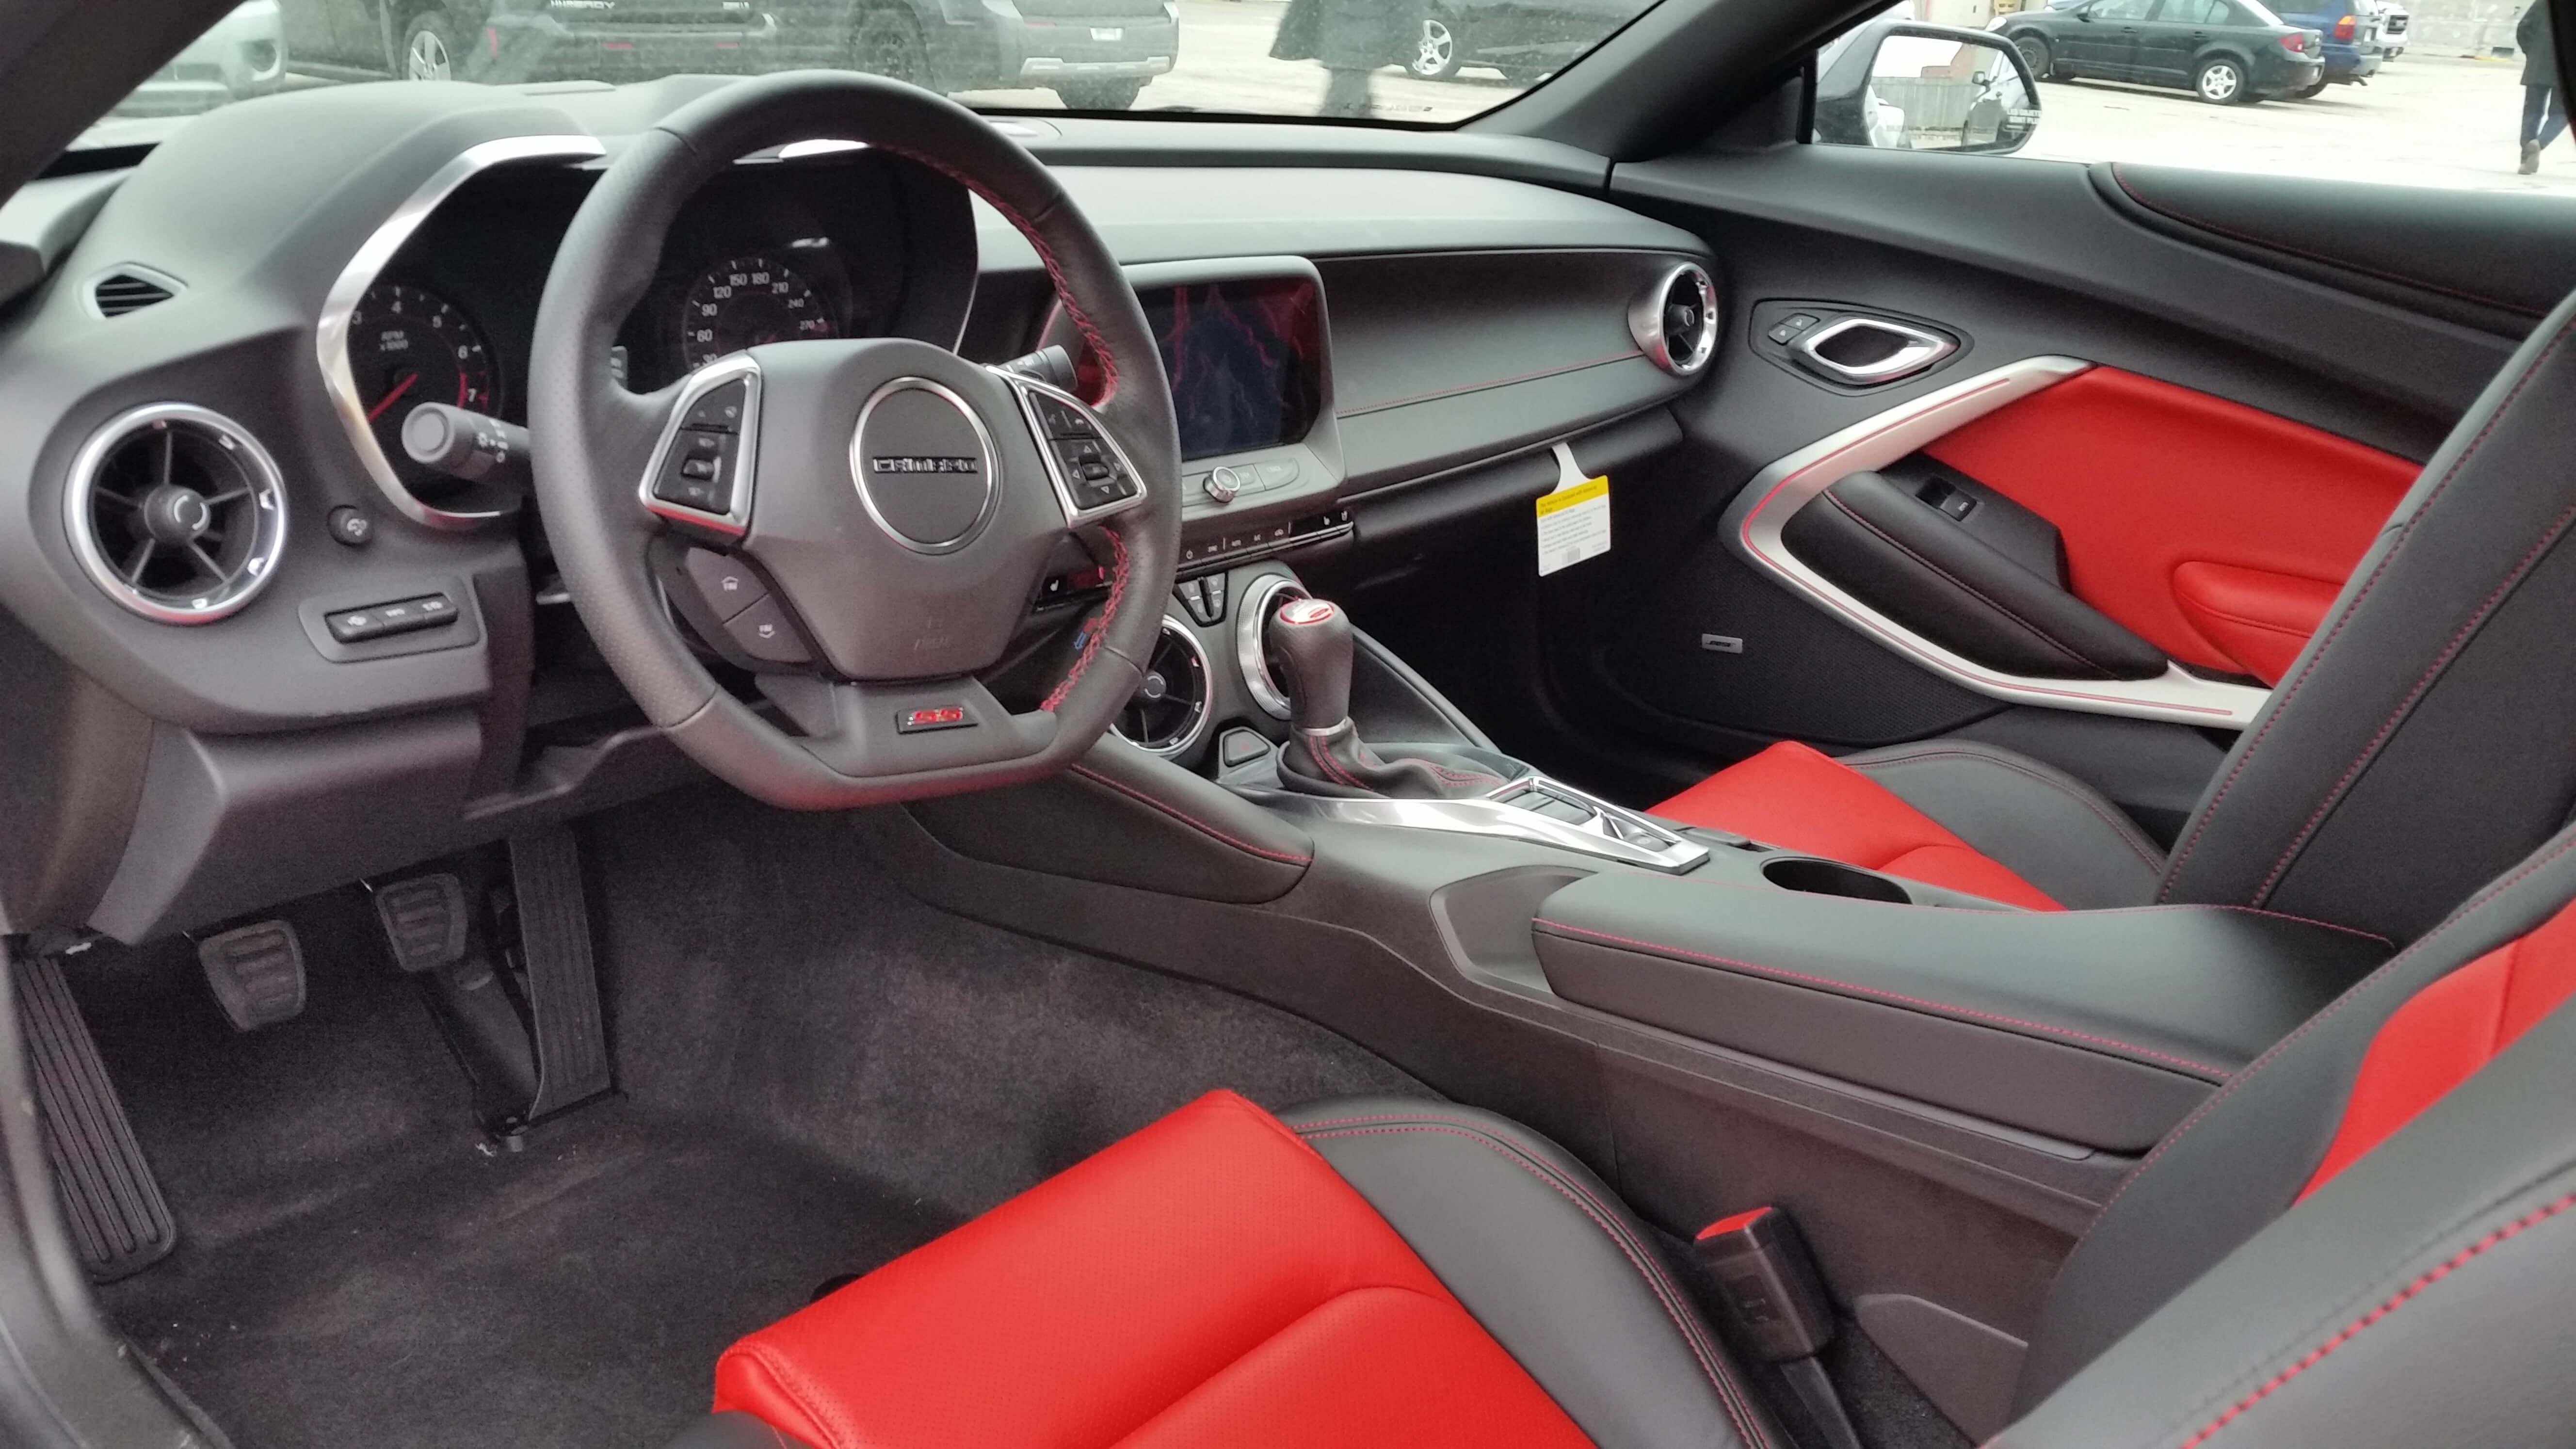 2016 camaro interior